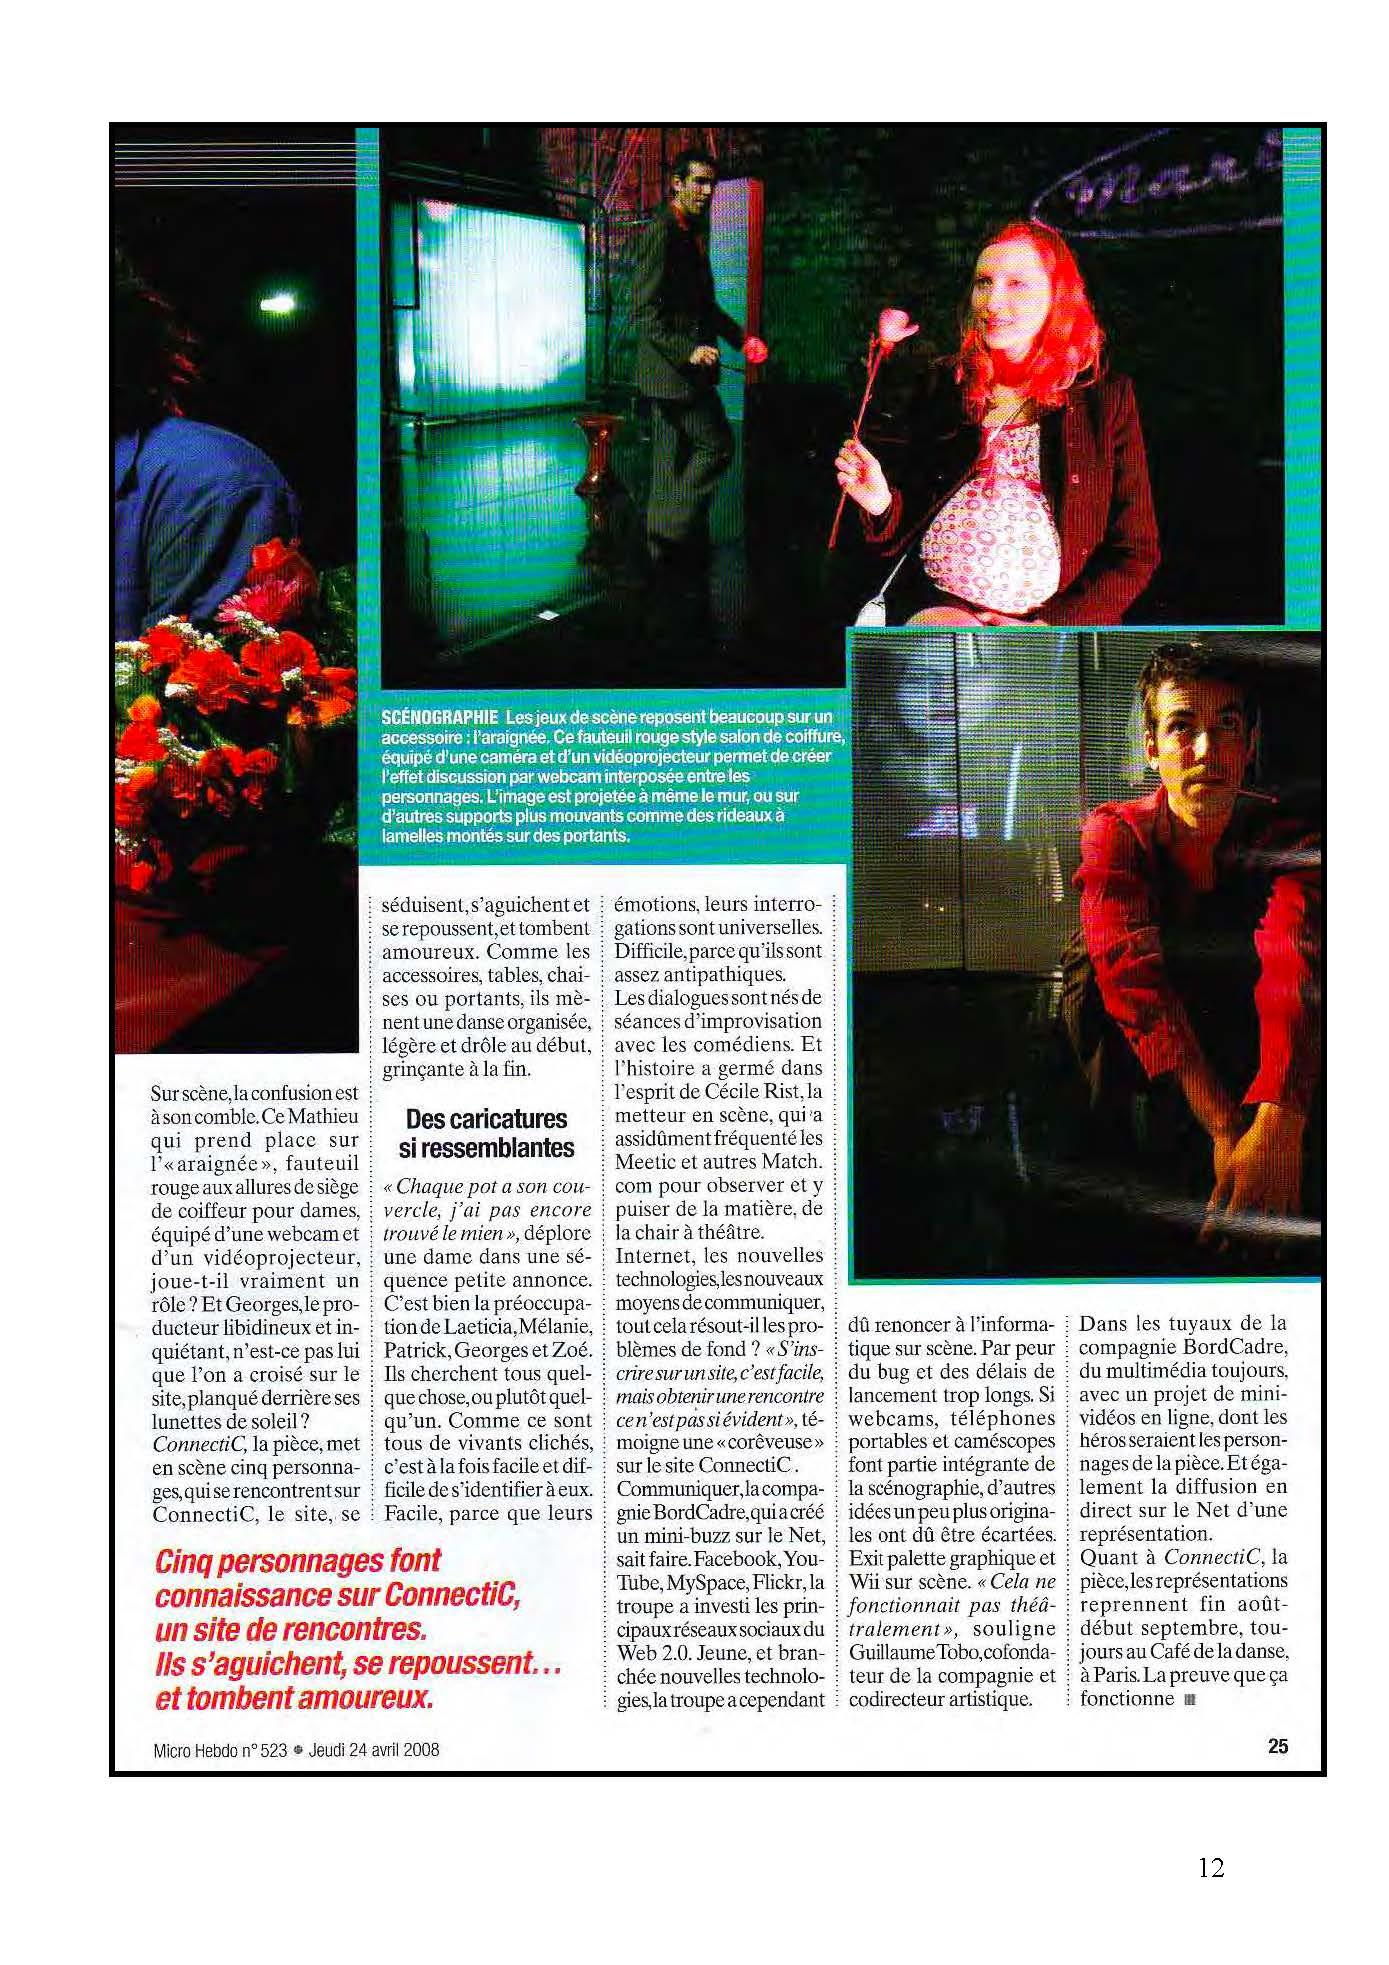 LA NUIT JUSTE AVANT LES FORÊTS - Revue de presse de BordCadre & Cécile Rist_Page_08